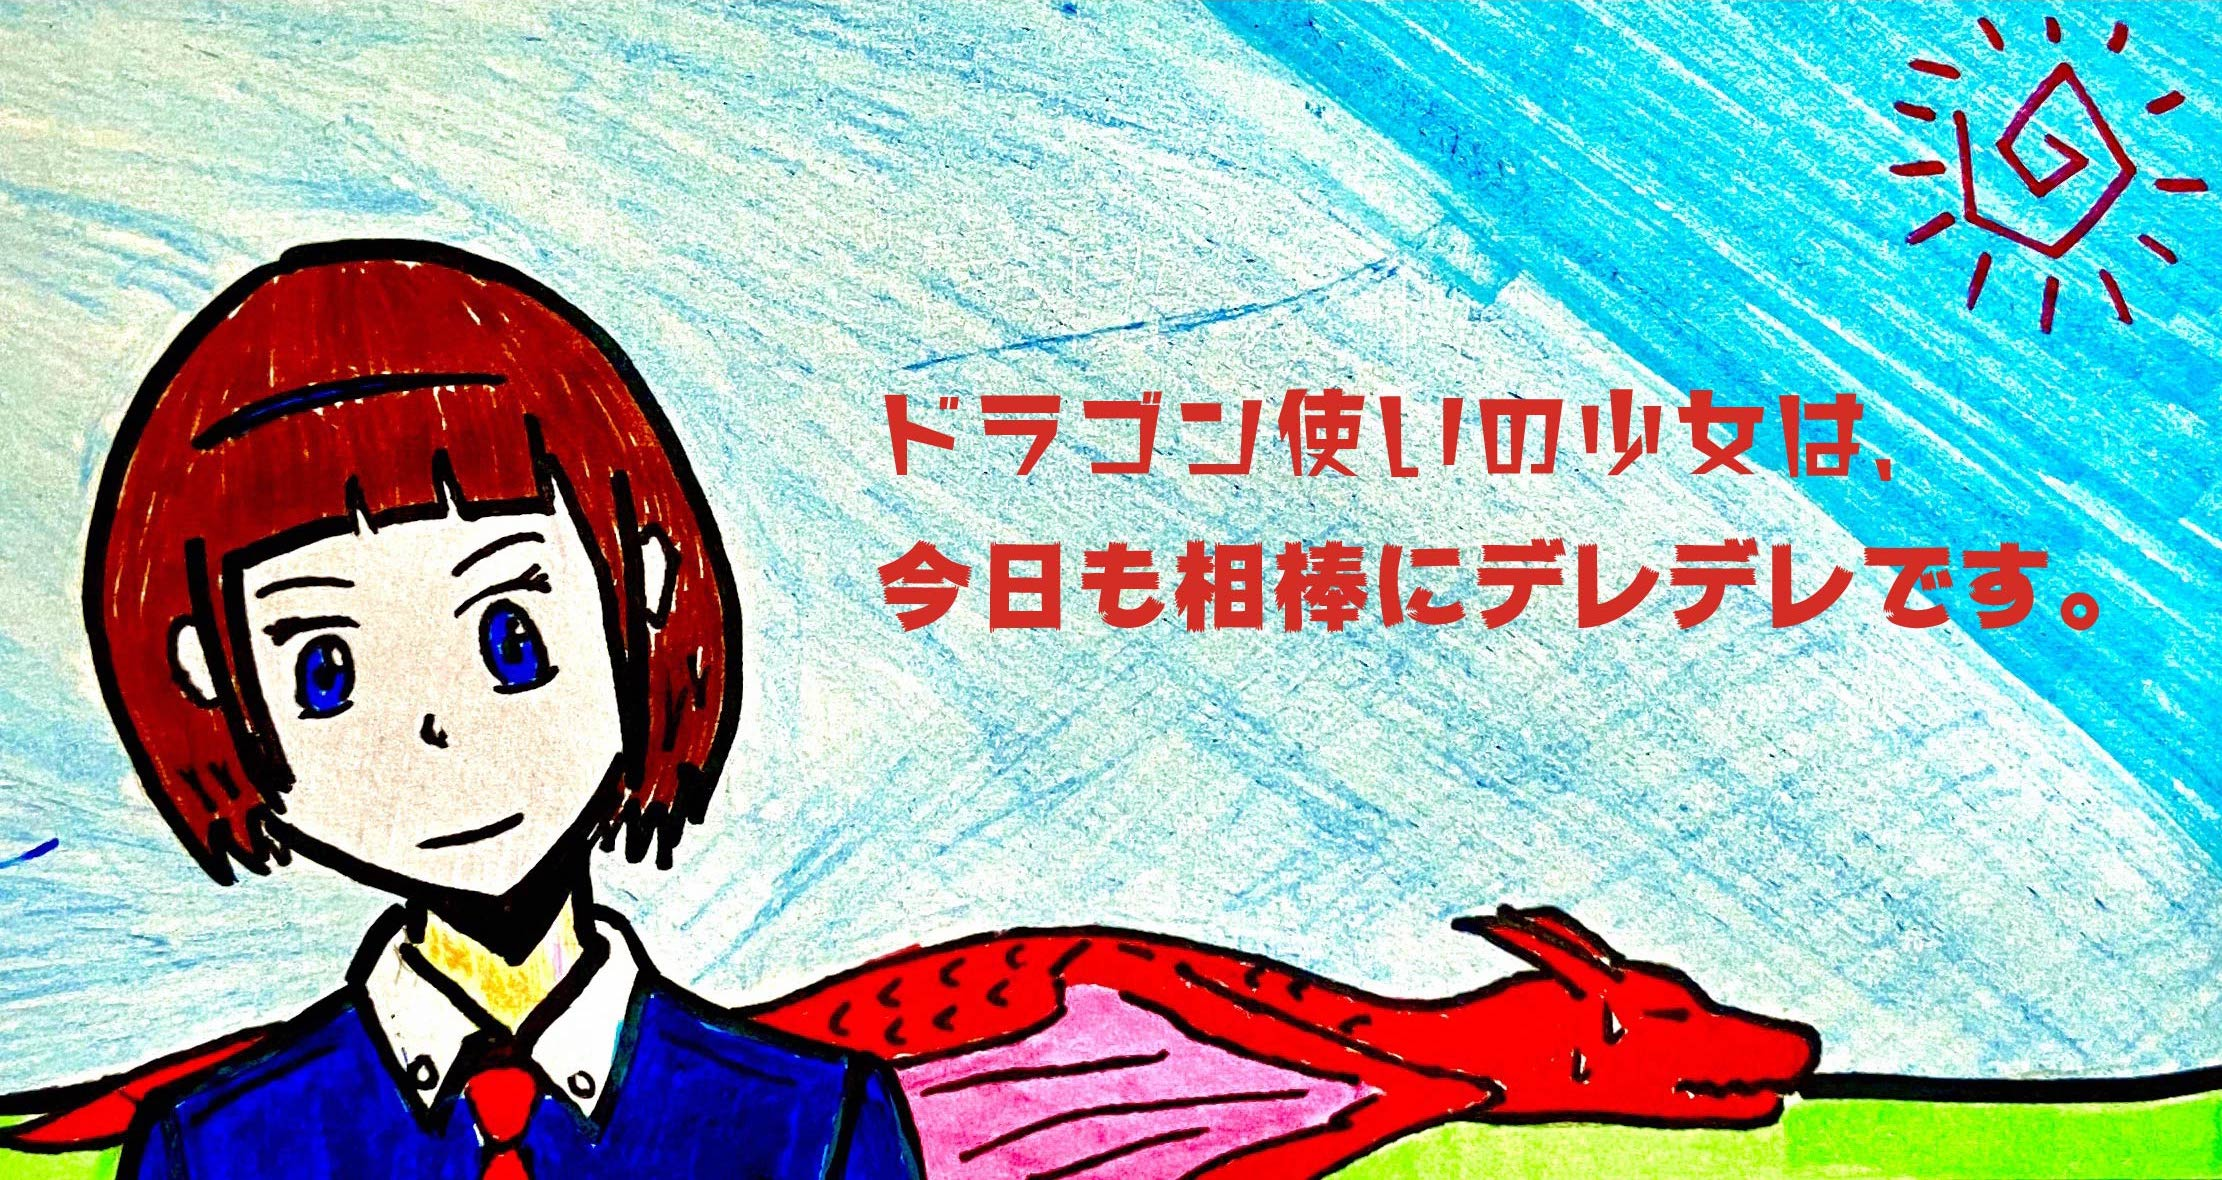 ドラゴン使いの少女は、今日も相棒にデレデレです。の表紙